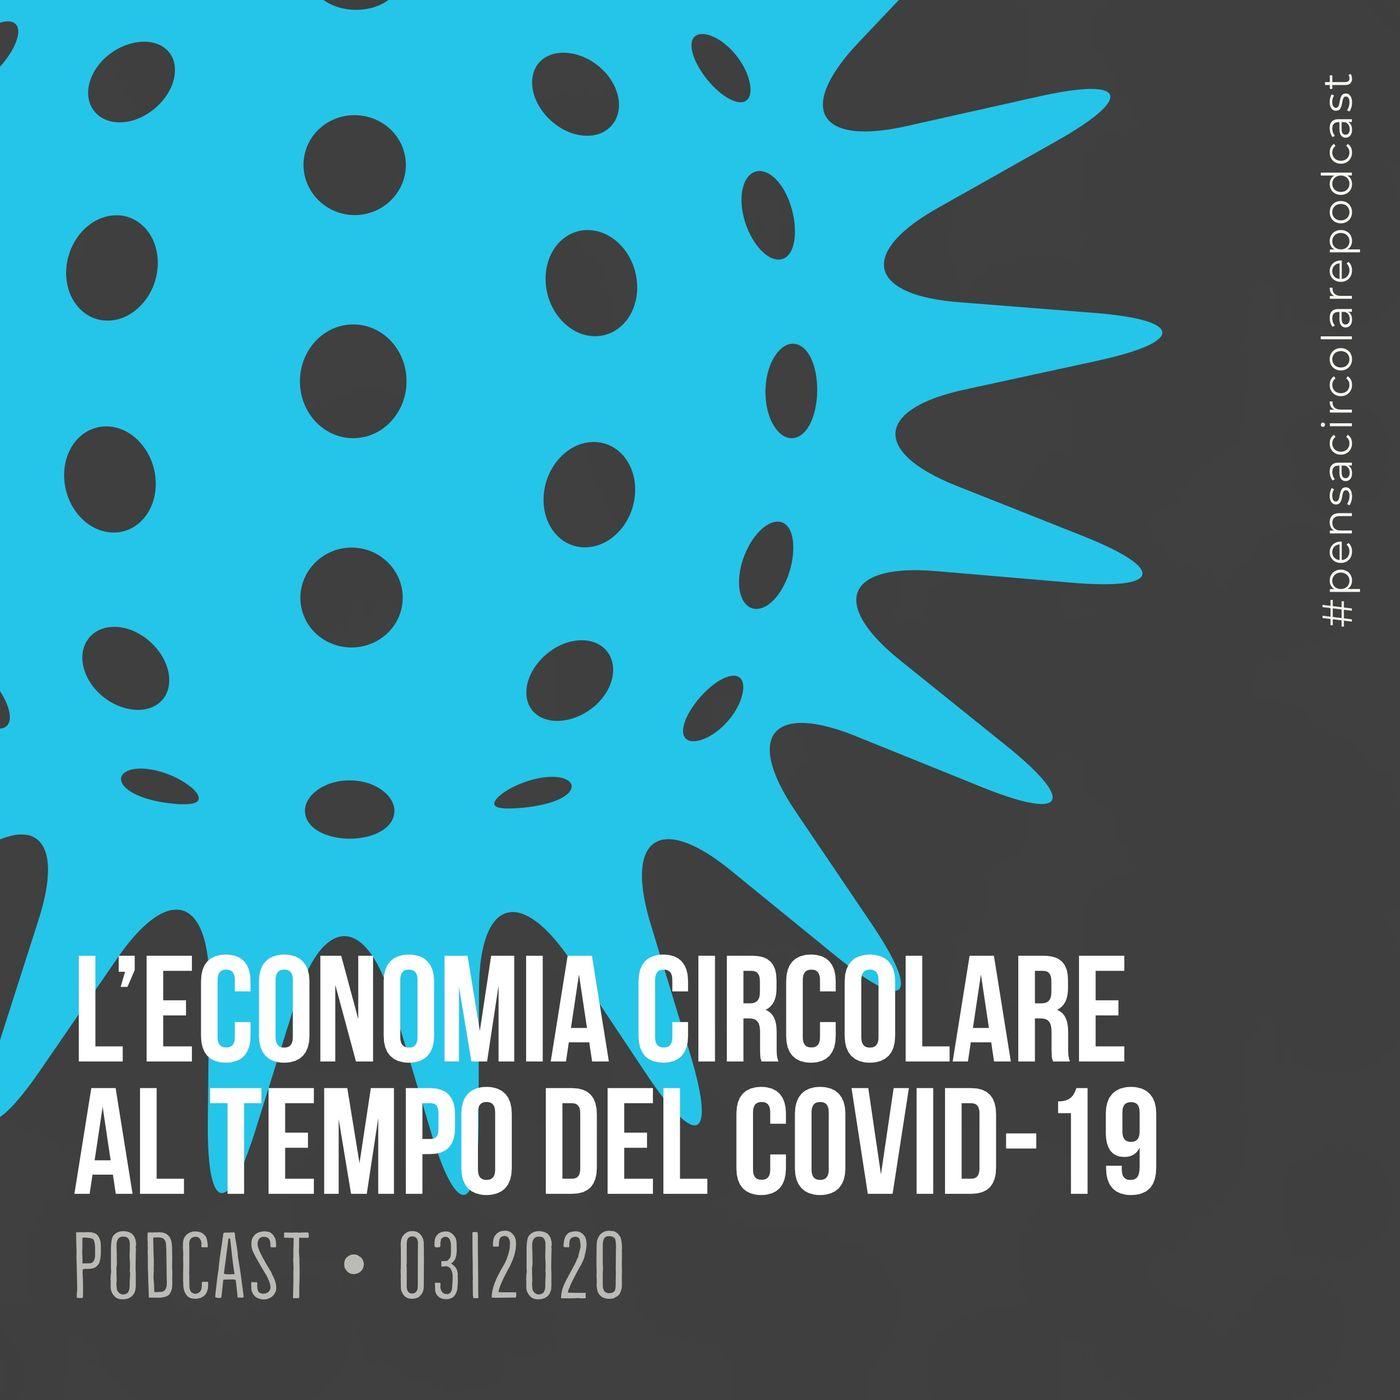 """Puntata 9 - """"ECONOMIA CIRCOLARE AL TEMPO DEL COVID-19 - Riflessioni e visioni"""" - CSR"""